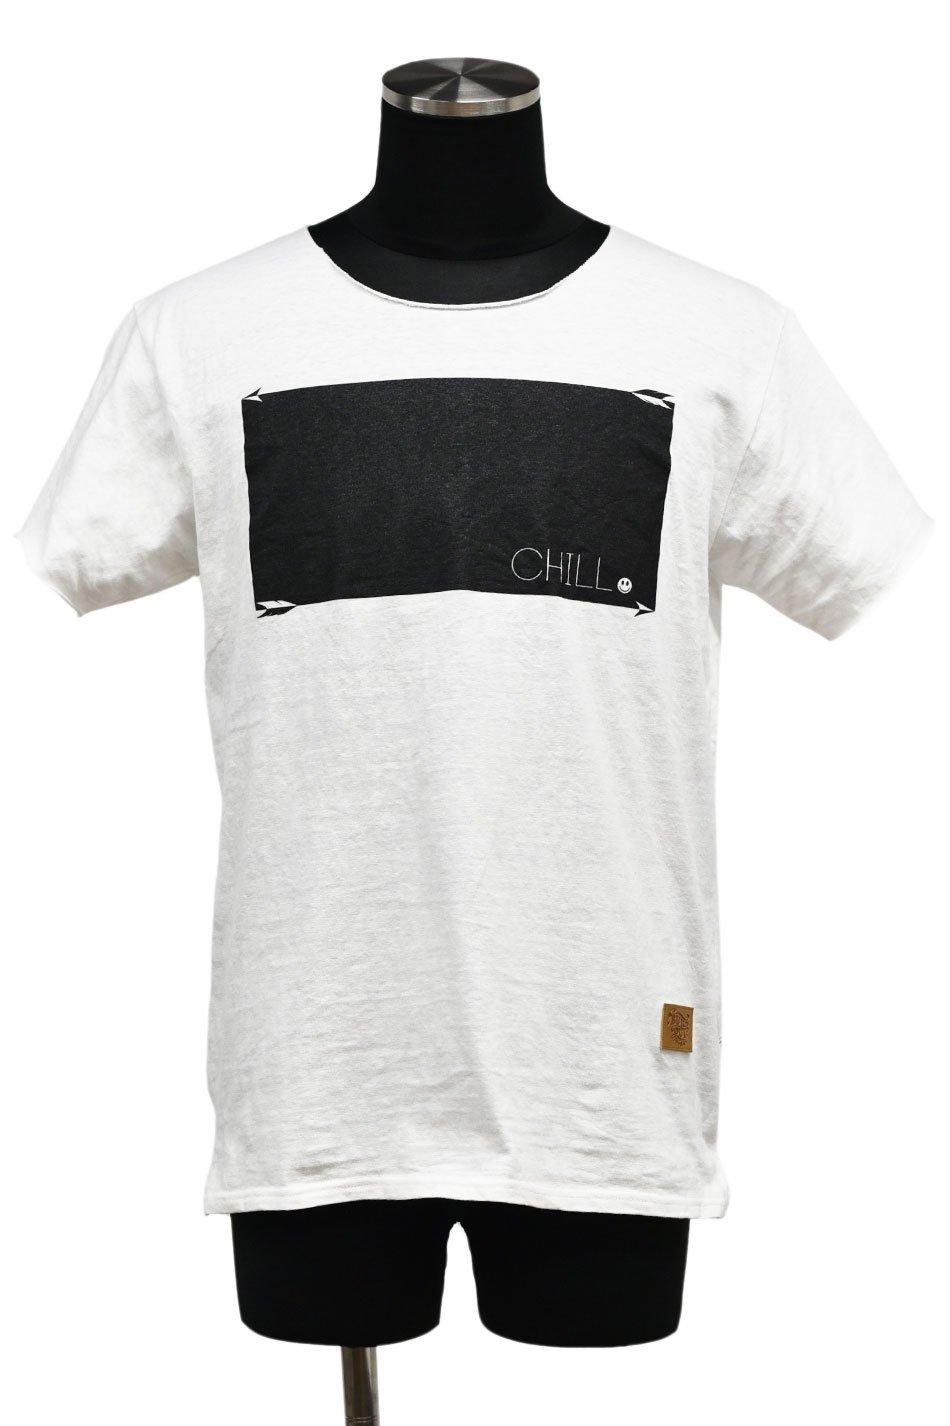 40%off! BURNOUT(バーンアウト )『CHILL』ラフィー天竺 カットオフTシャツ / ホワイト